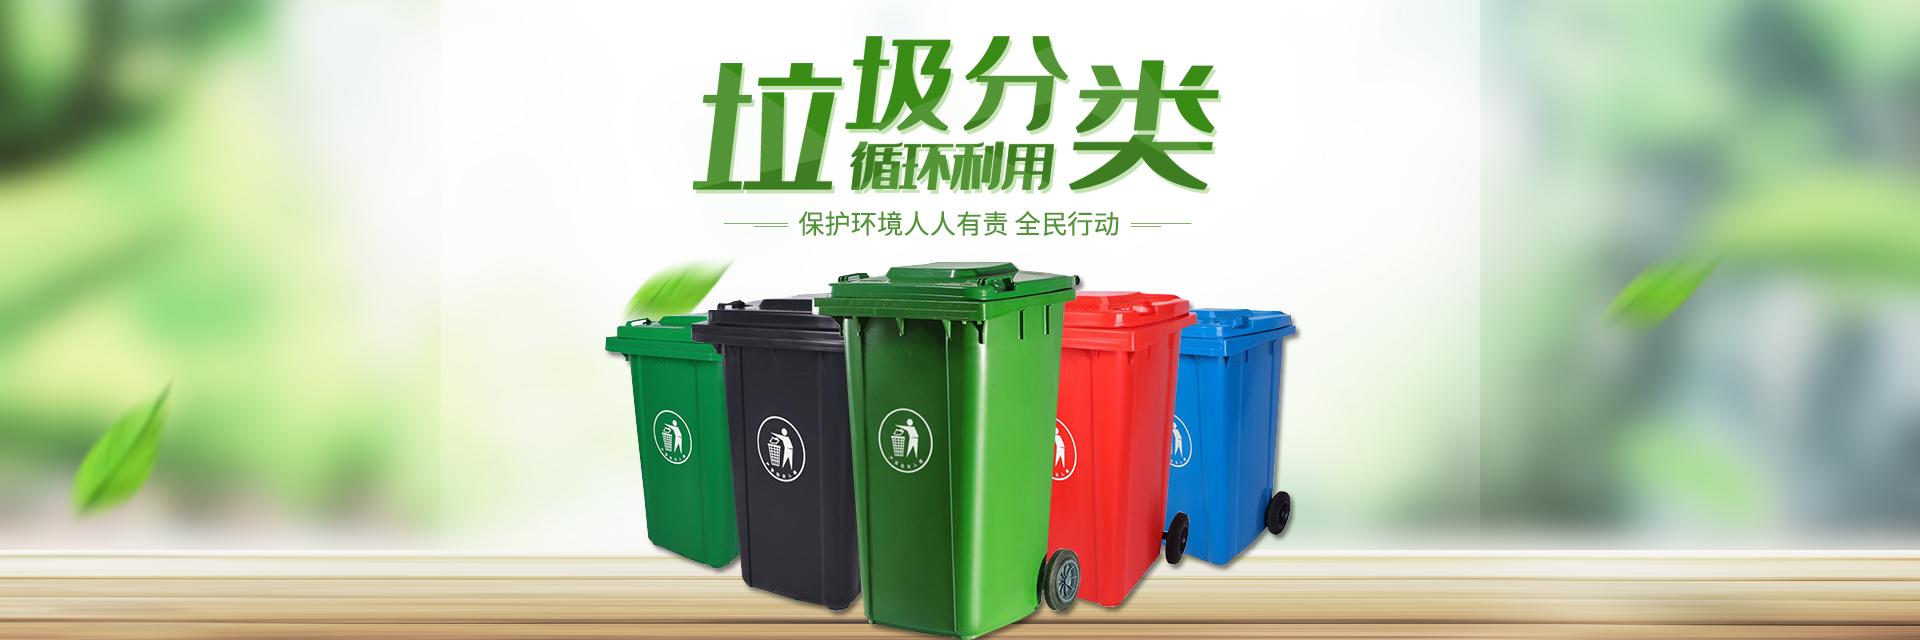 辽宁环卫垃圾桶